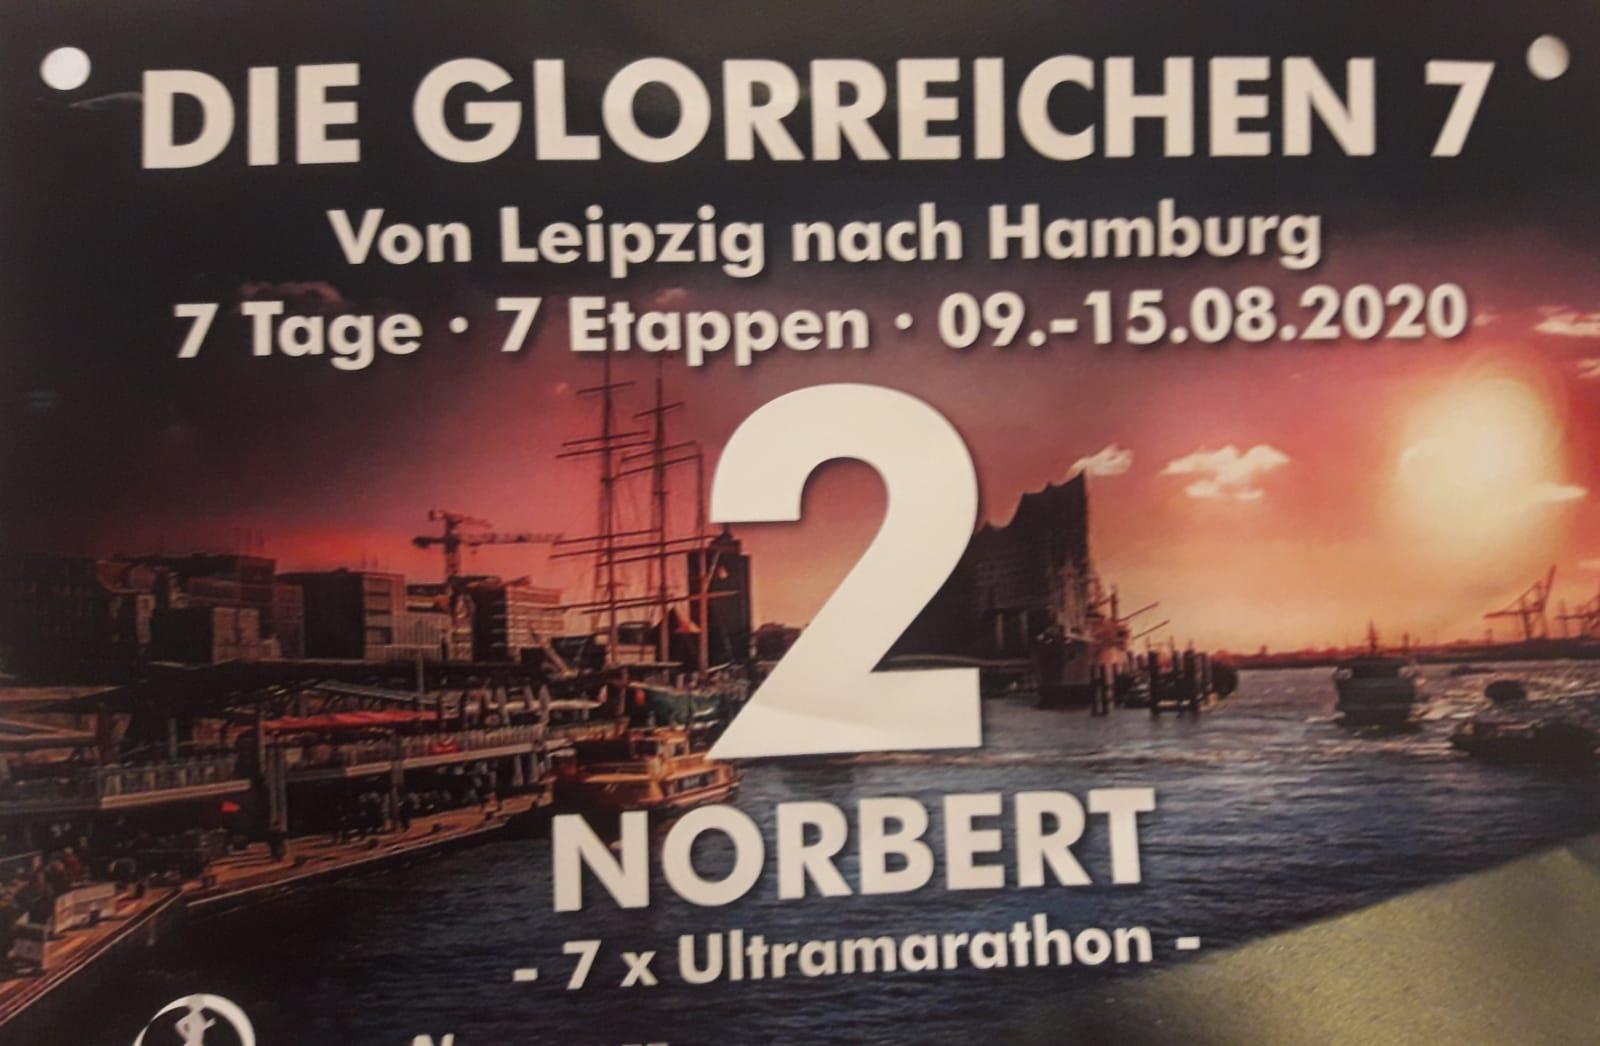 Laufen -rtr-weiz-WhatsApp-Image-2020-08-25-at-11.05.18-Die Glorreichen 7 - 2020